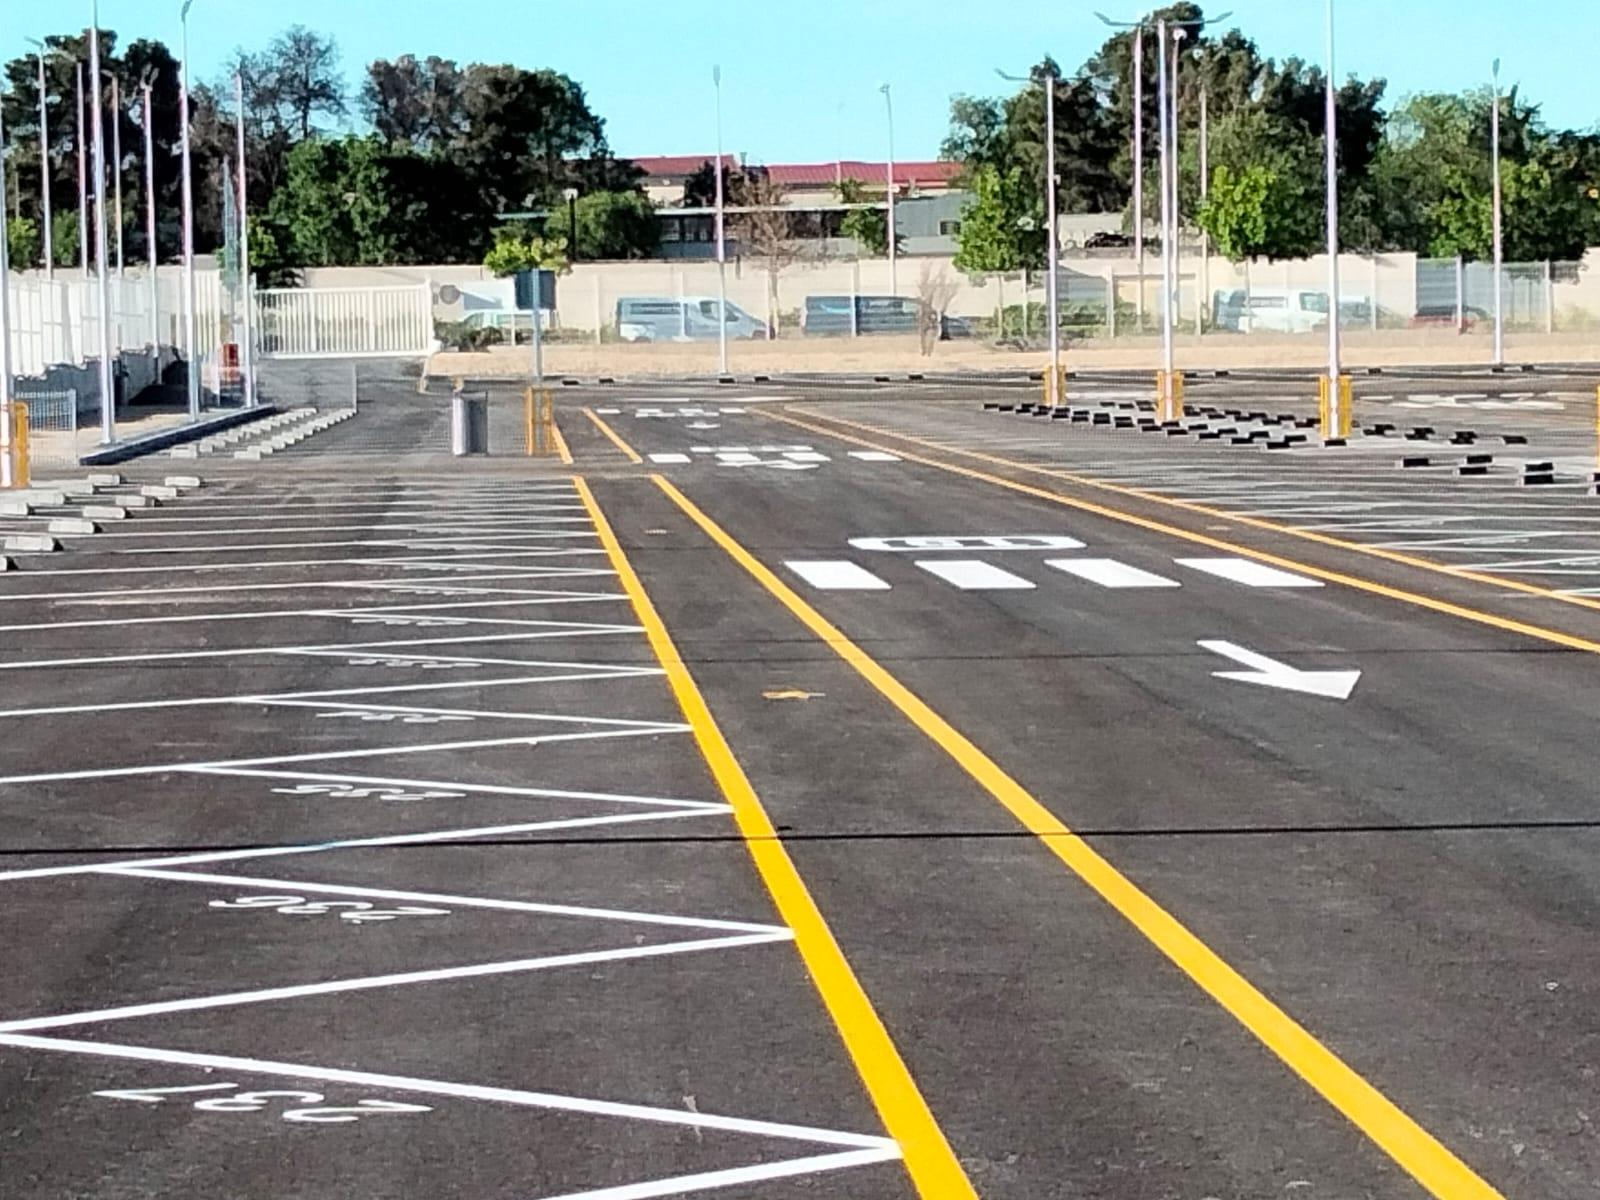 aparcamiento señalizado con pintura